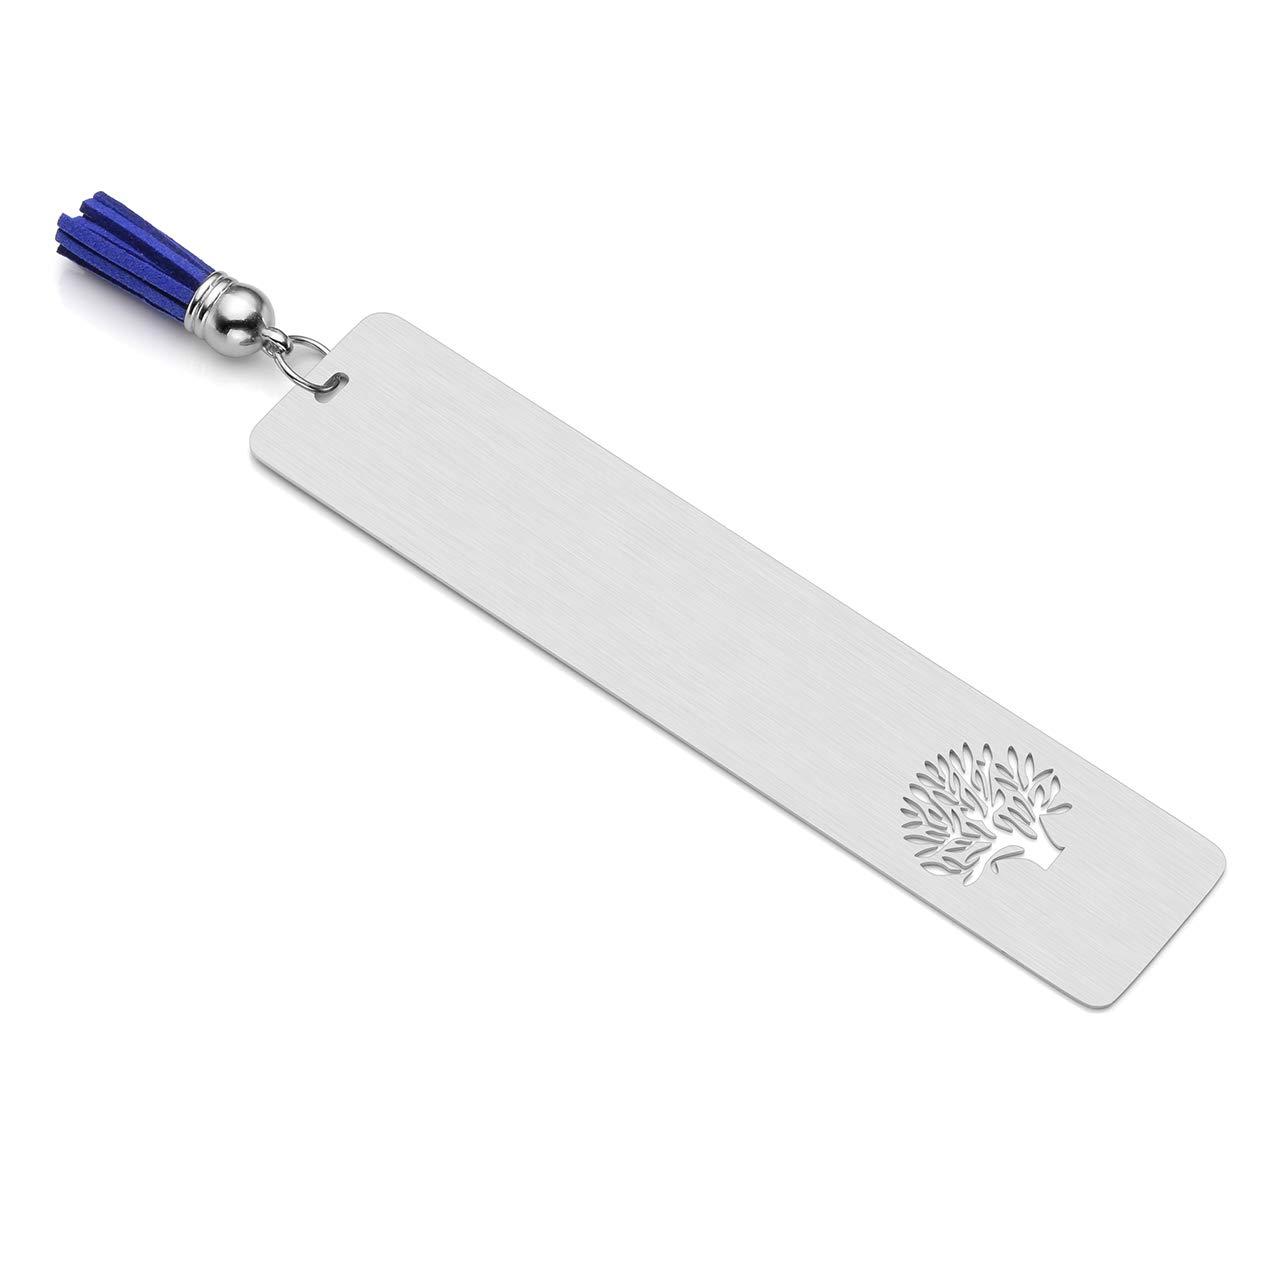 color Non Engraving Marcap/áginas personalizable de acero inoxidable 30 x 140 mm ideal como regalo de papeler/ía dise/ño de /árbol de la vida con borla azul PiercingJ